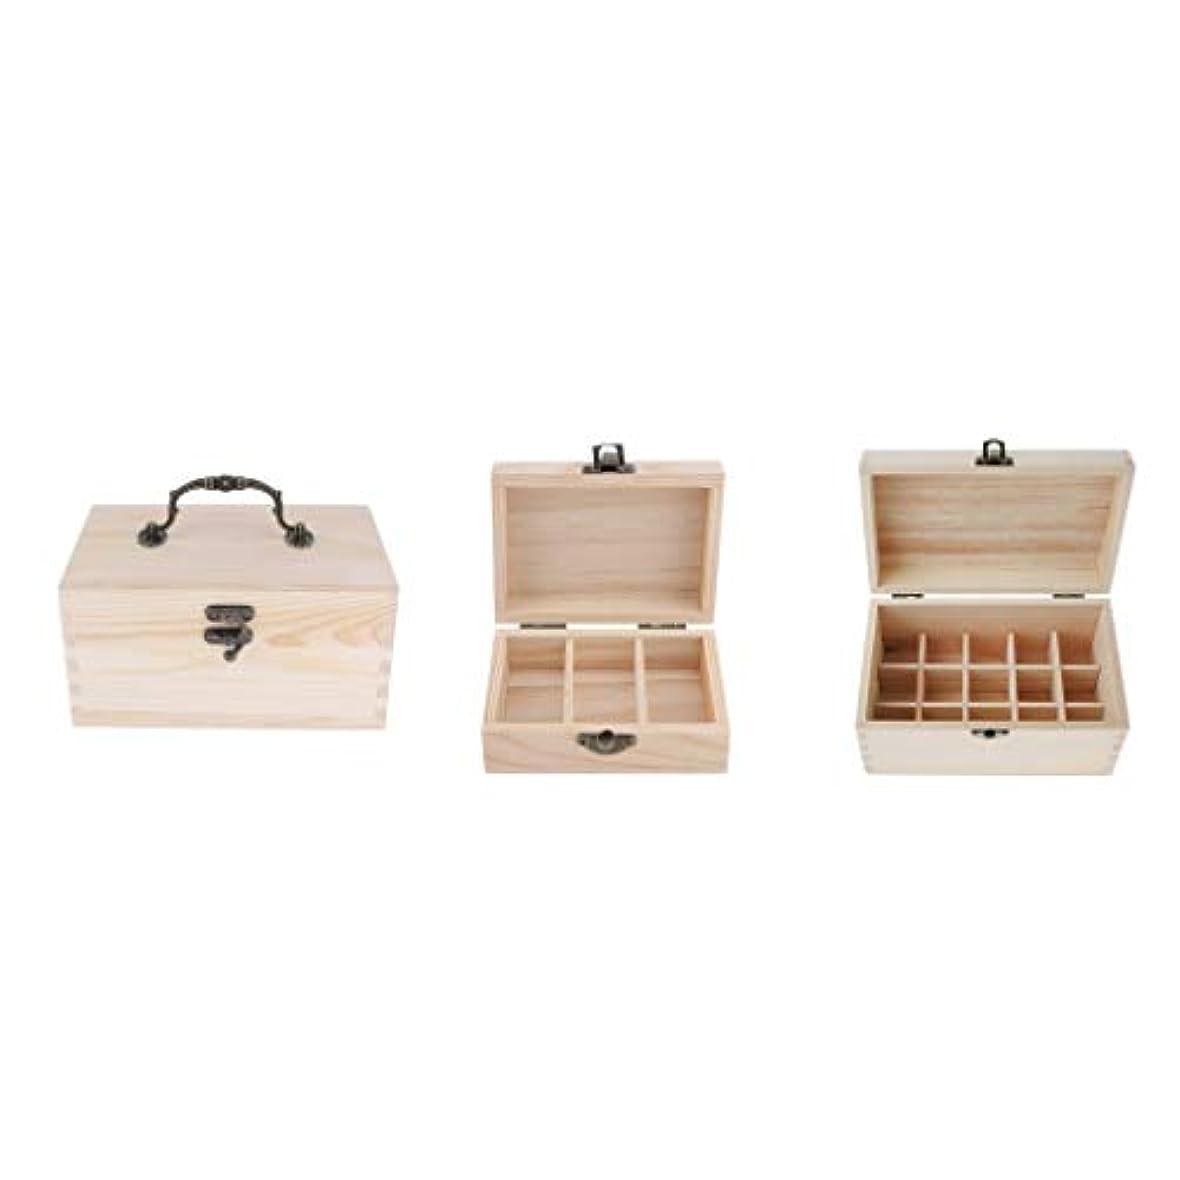 バレーボール顎小さいHellery 3個入 精油収納ケース 木製 エッセンシャルオイル 収納ボックス 香水収納ケース アロマオイル収納ボックス